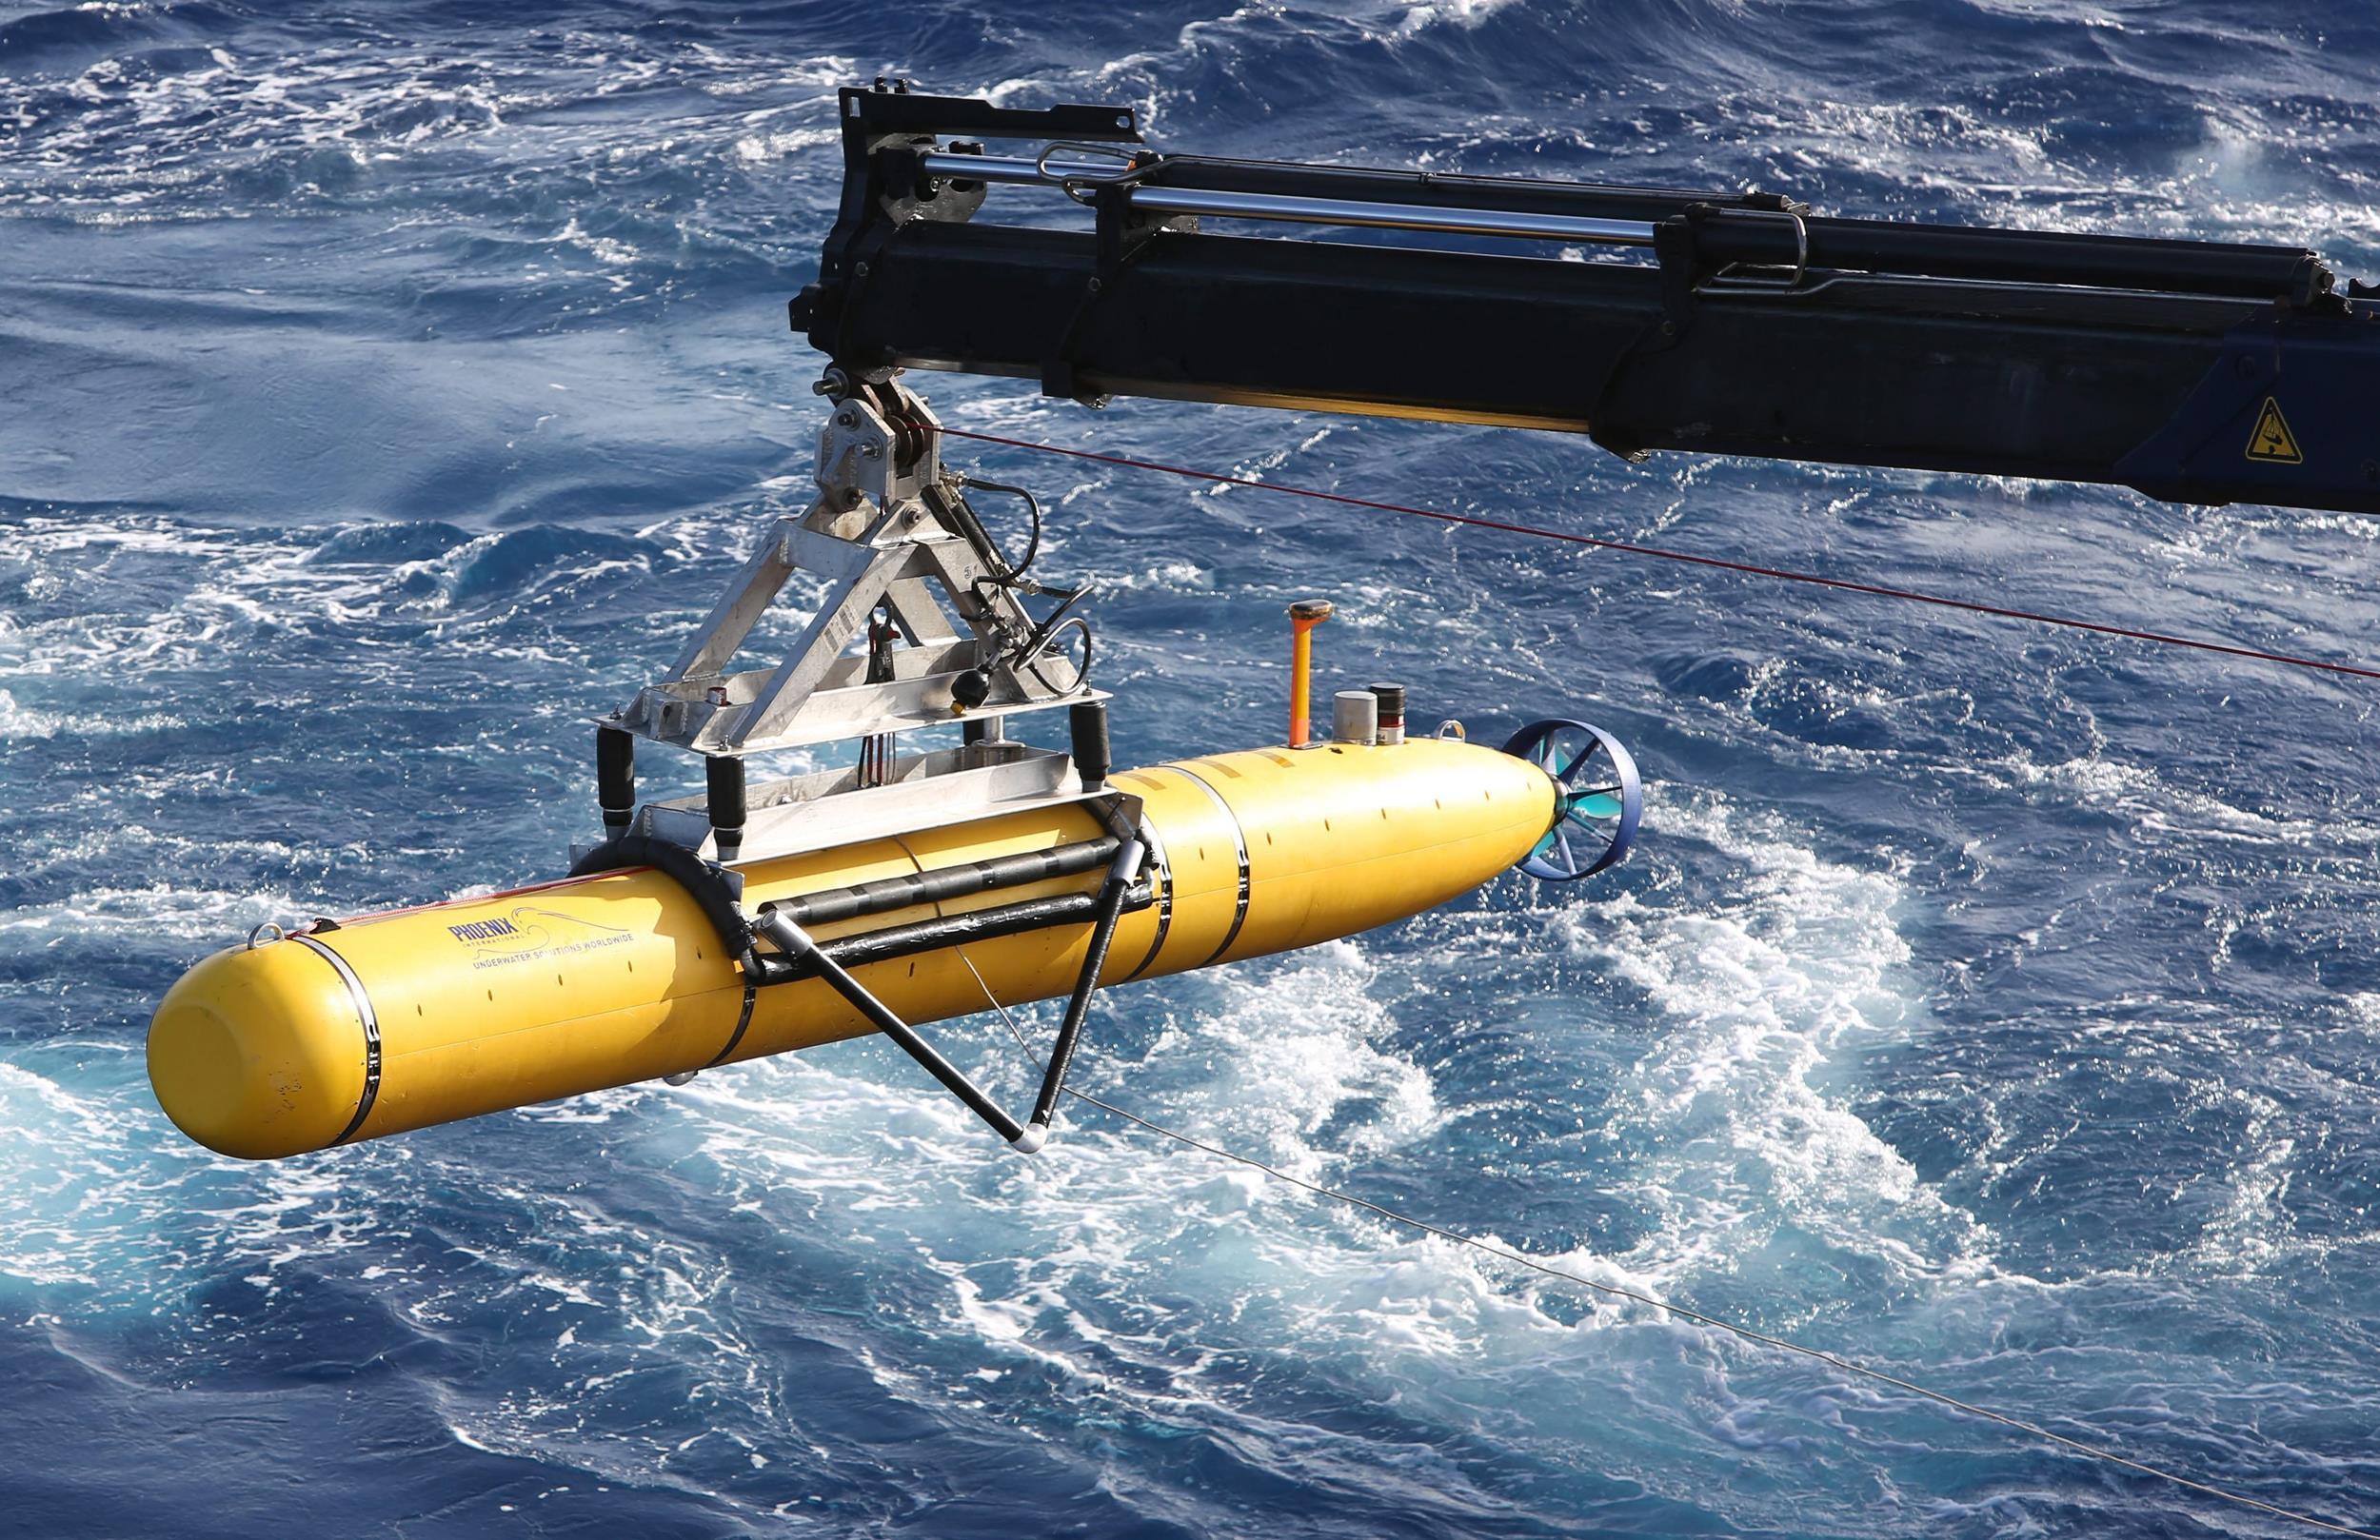 The Phoenix Autonomous Underwater Vehicle (AUV) Bluefin-21